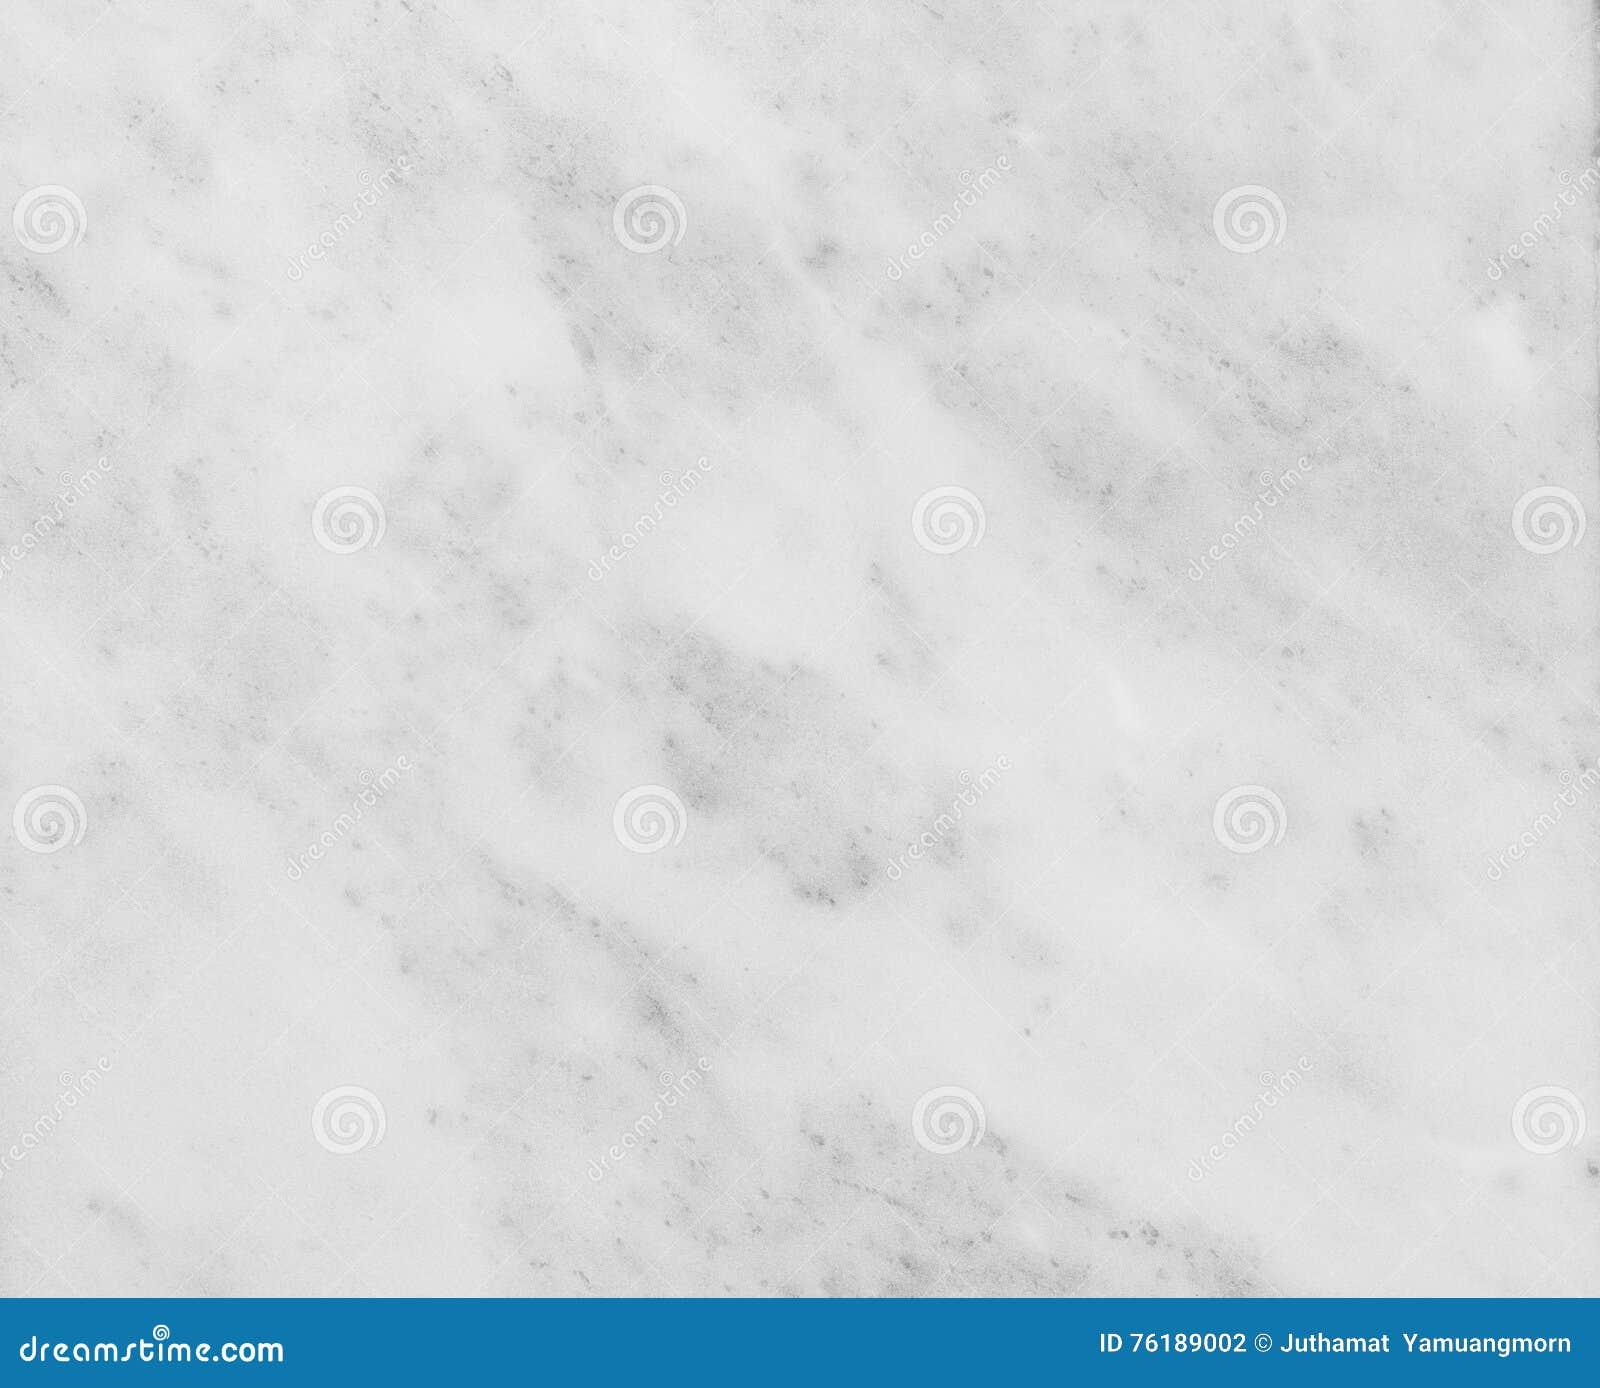 Ein grauer Marmorbeschaffenheitshintergrund